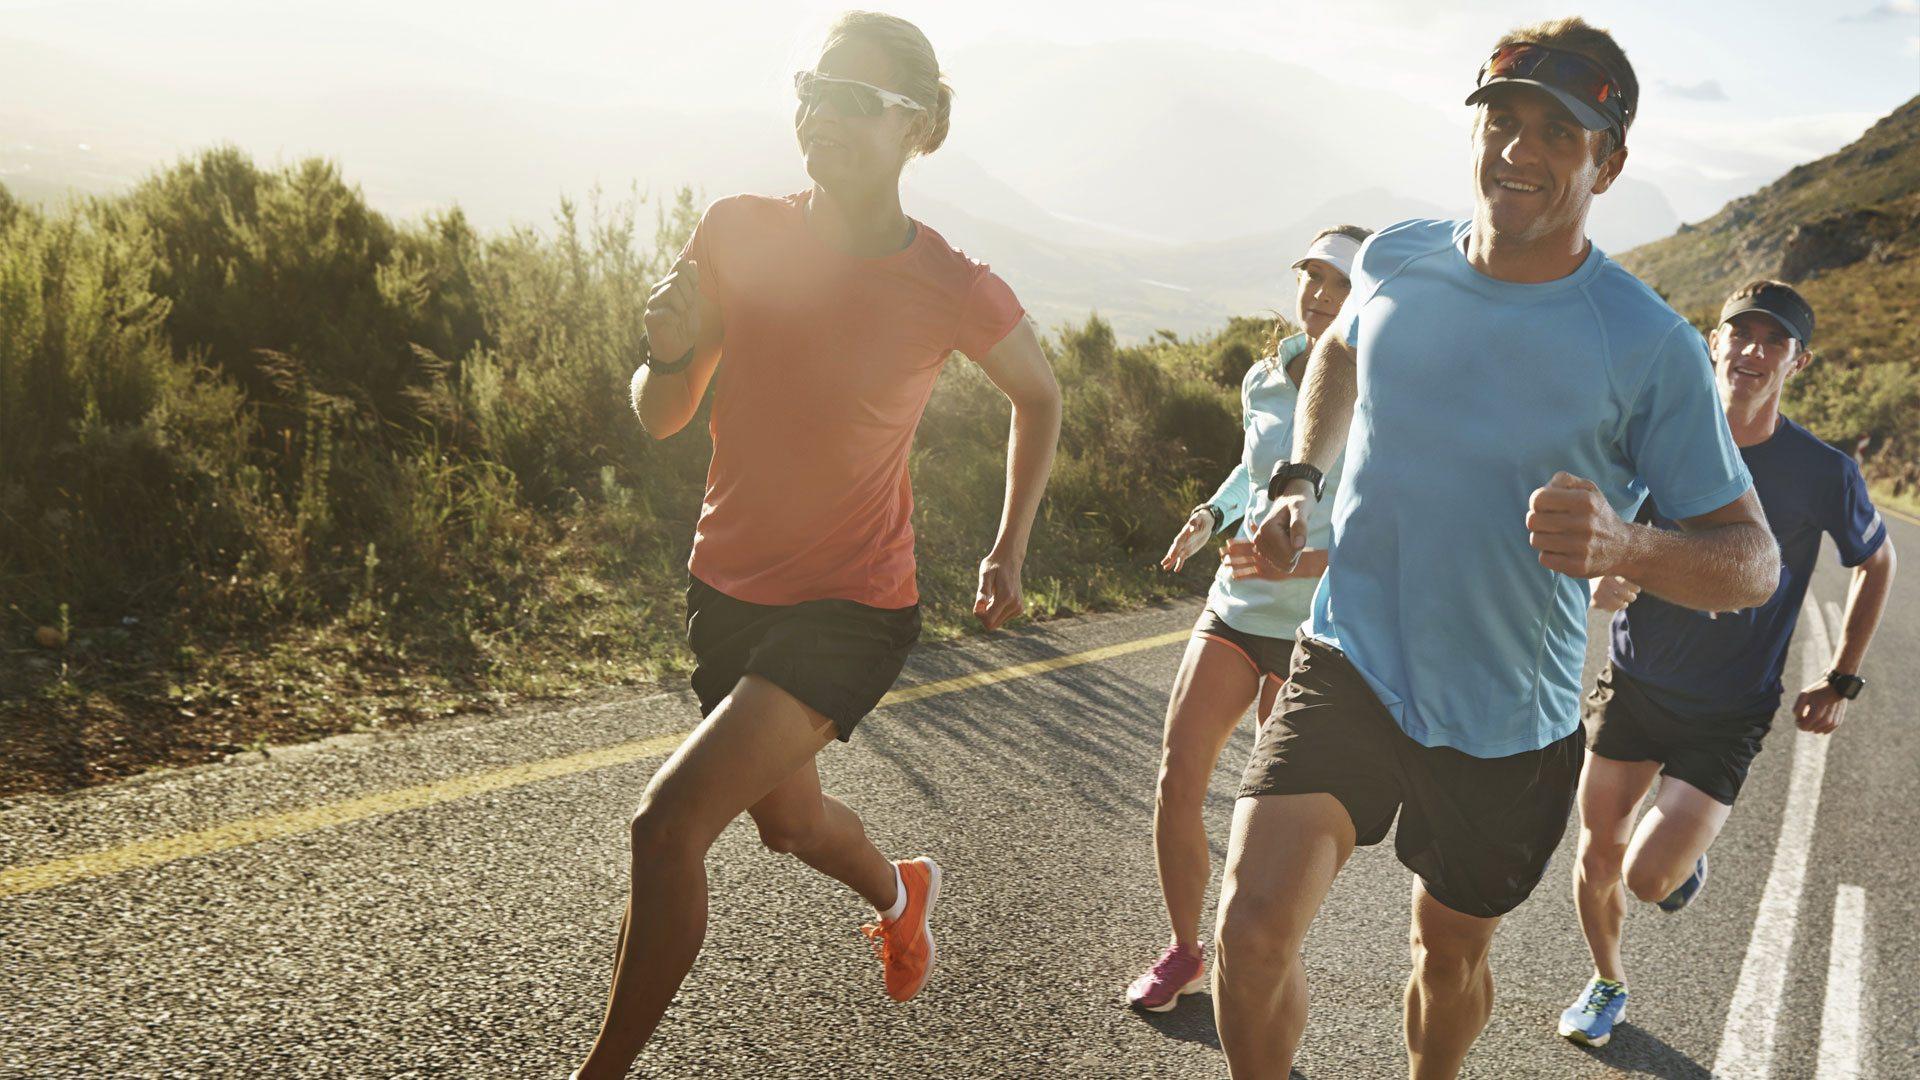 Hoćete da brže sagorite kalorije uz trčanje? Onda trčite jače, duže i-ili češće!